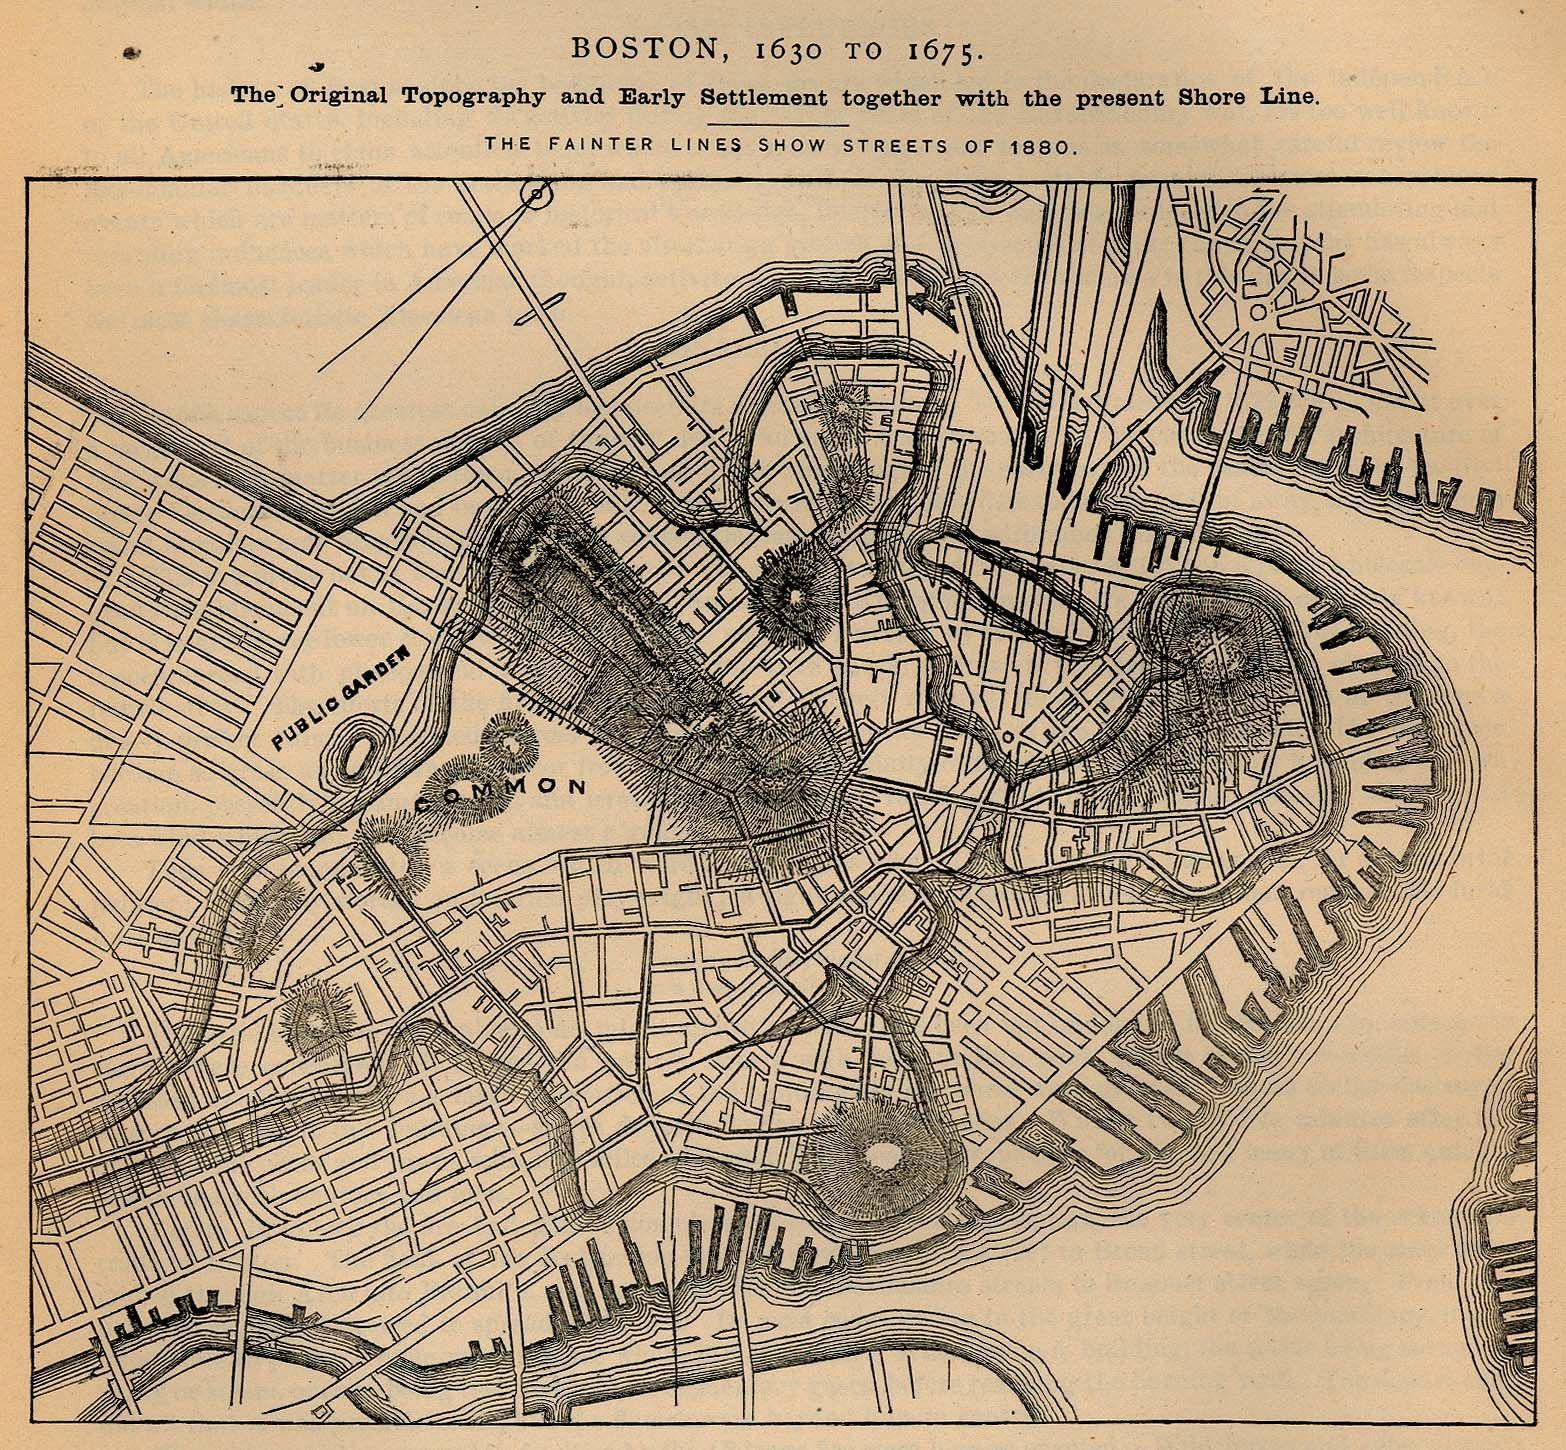 Boston 1630 to 1675 John Benjamin arrives